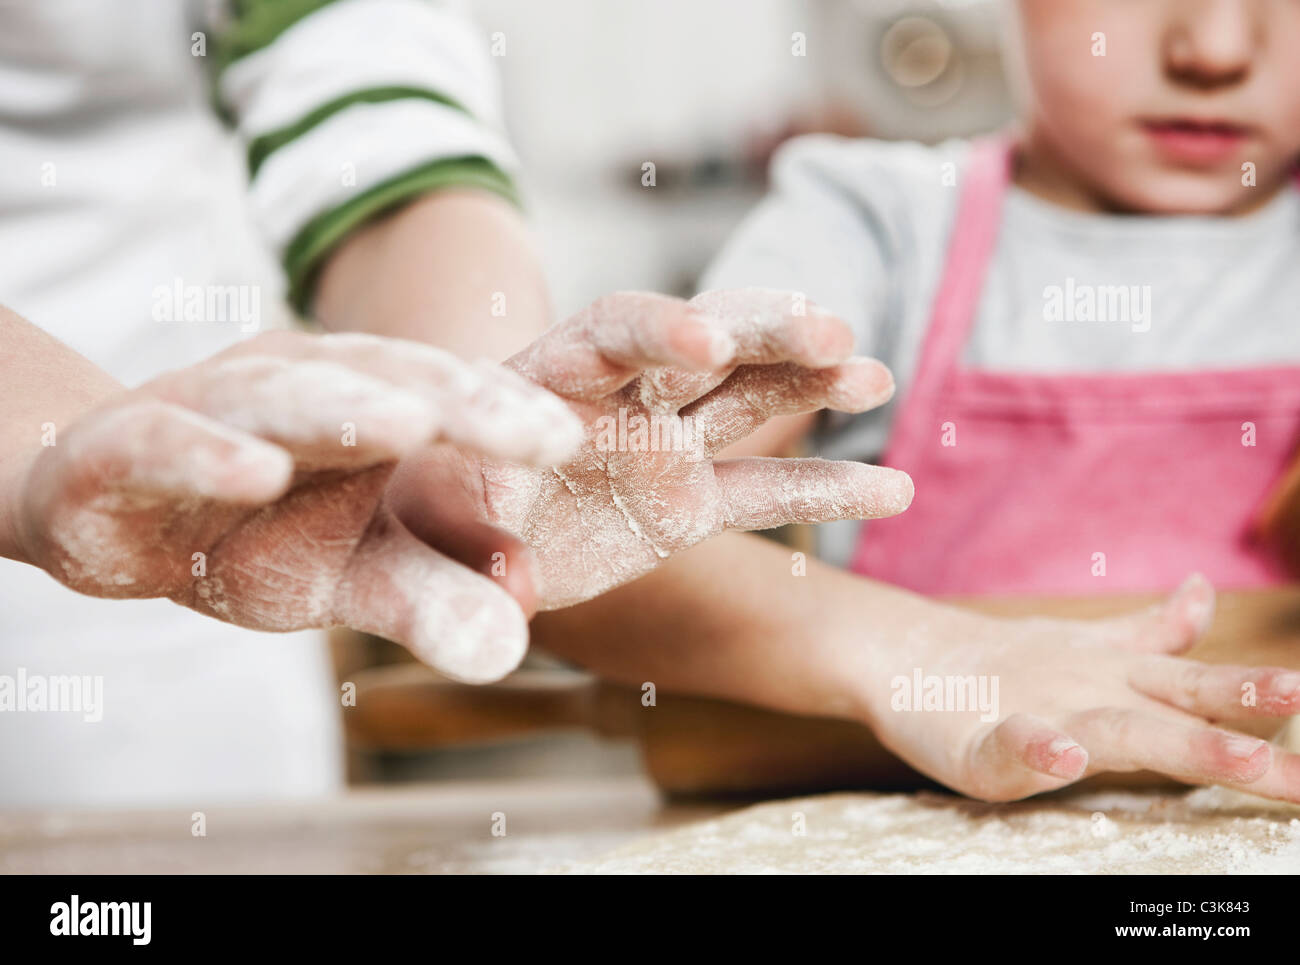 Alemania, Colonia, Chico y chica rolling masa sobre encimera de cocina Imagen De Stock